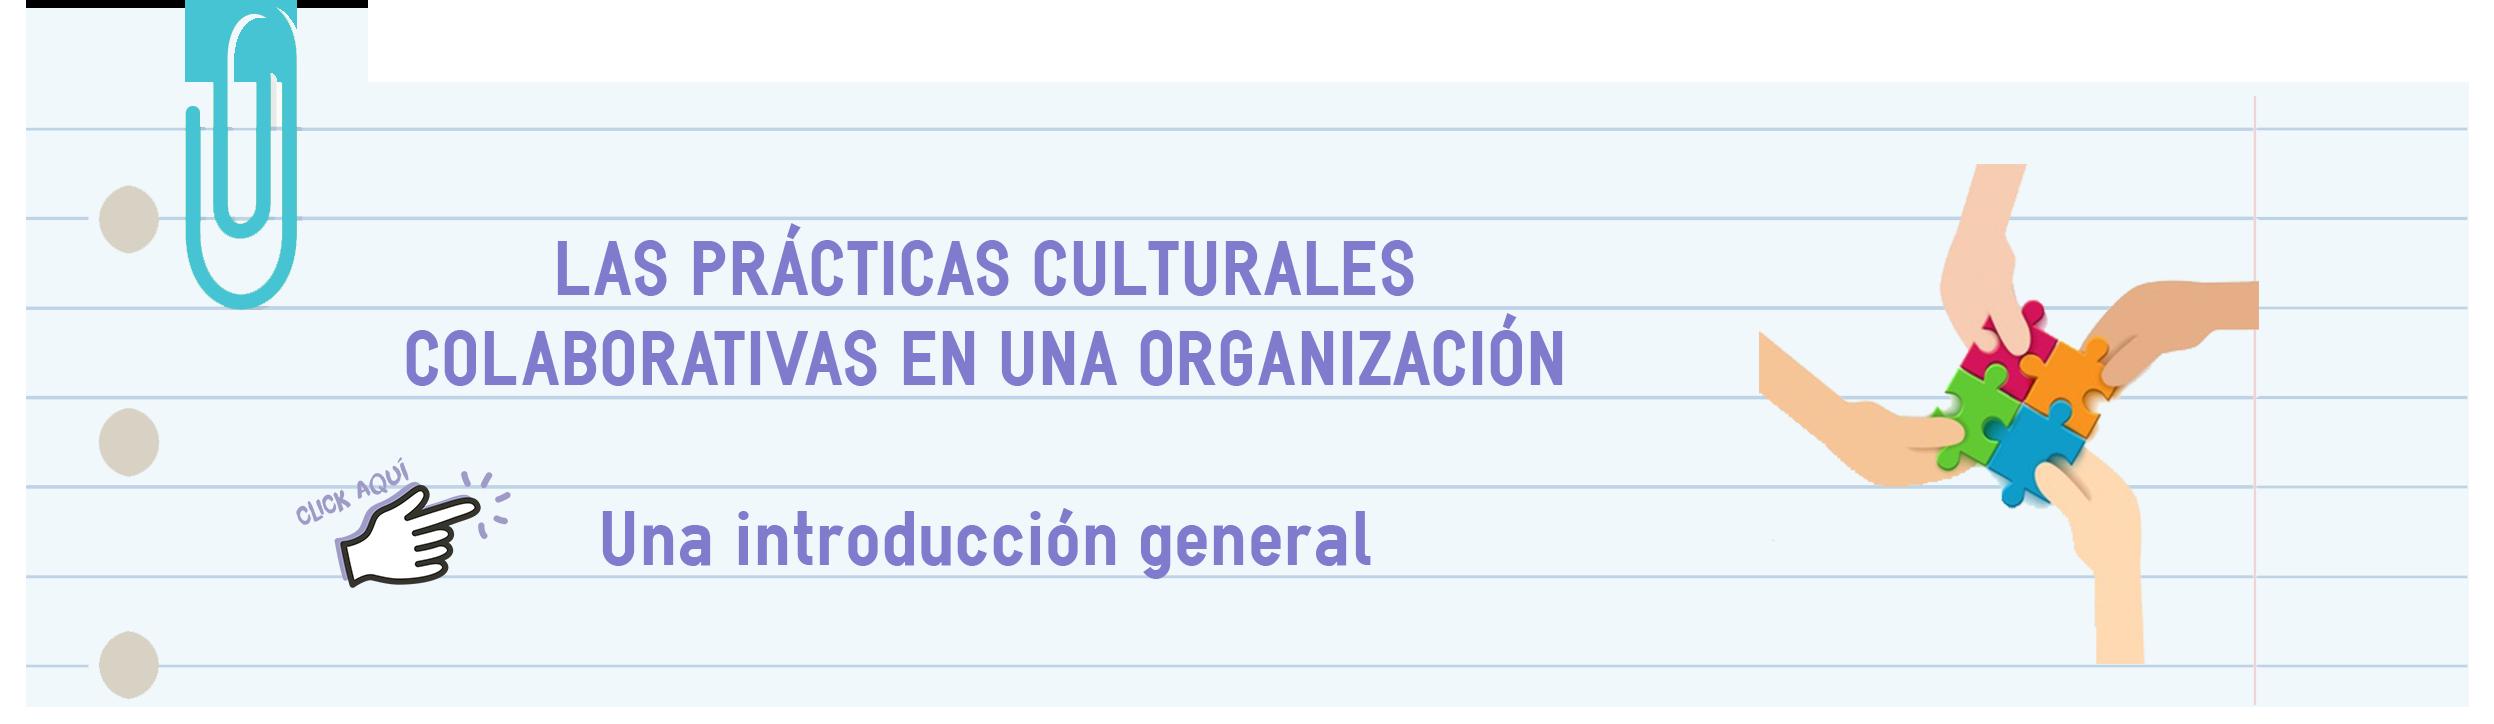 Prácticas culturales colaborativas